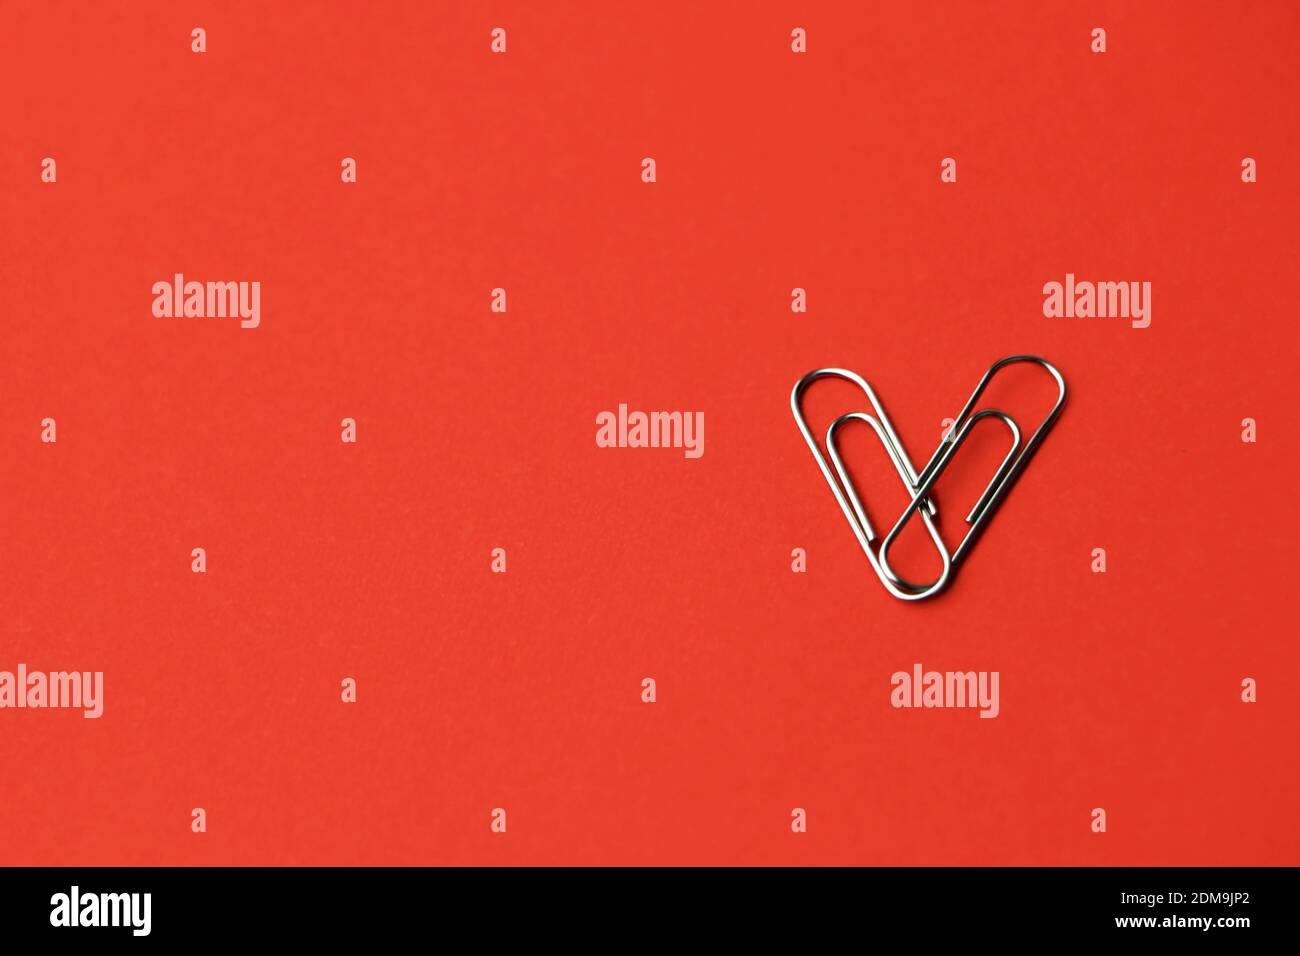 La carta a forma di cuore si aggancia su uno sfondo rosso. Concetto di San Valentino. Foto di alta qualità Foto Stock